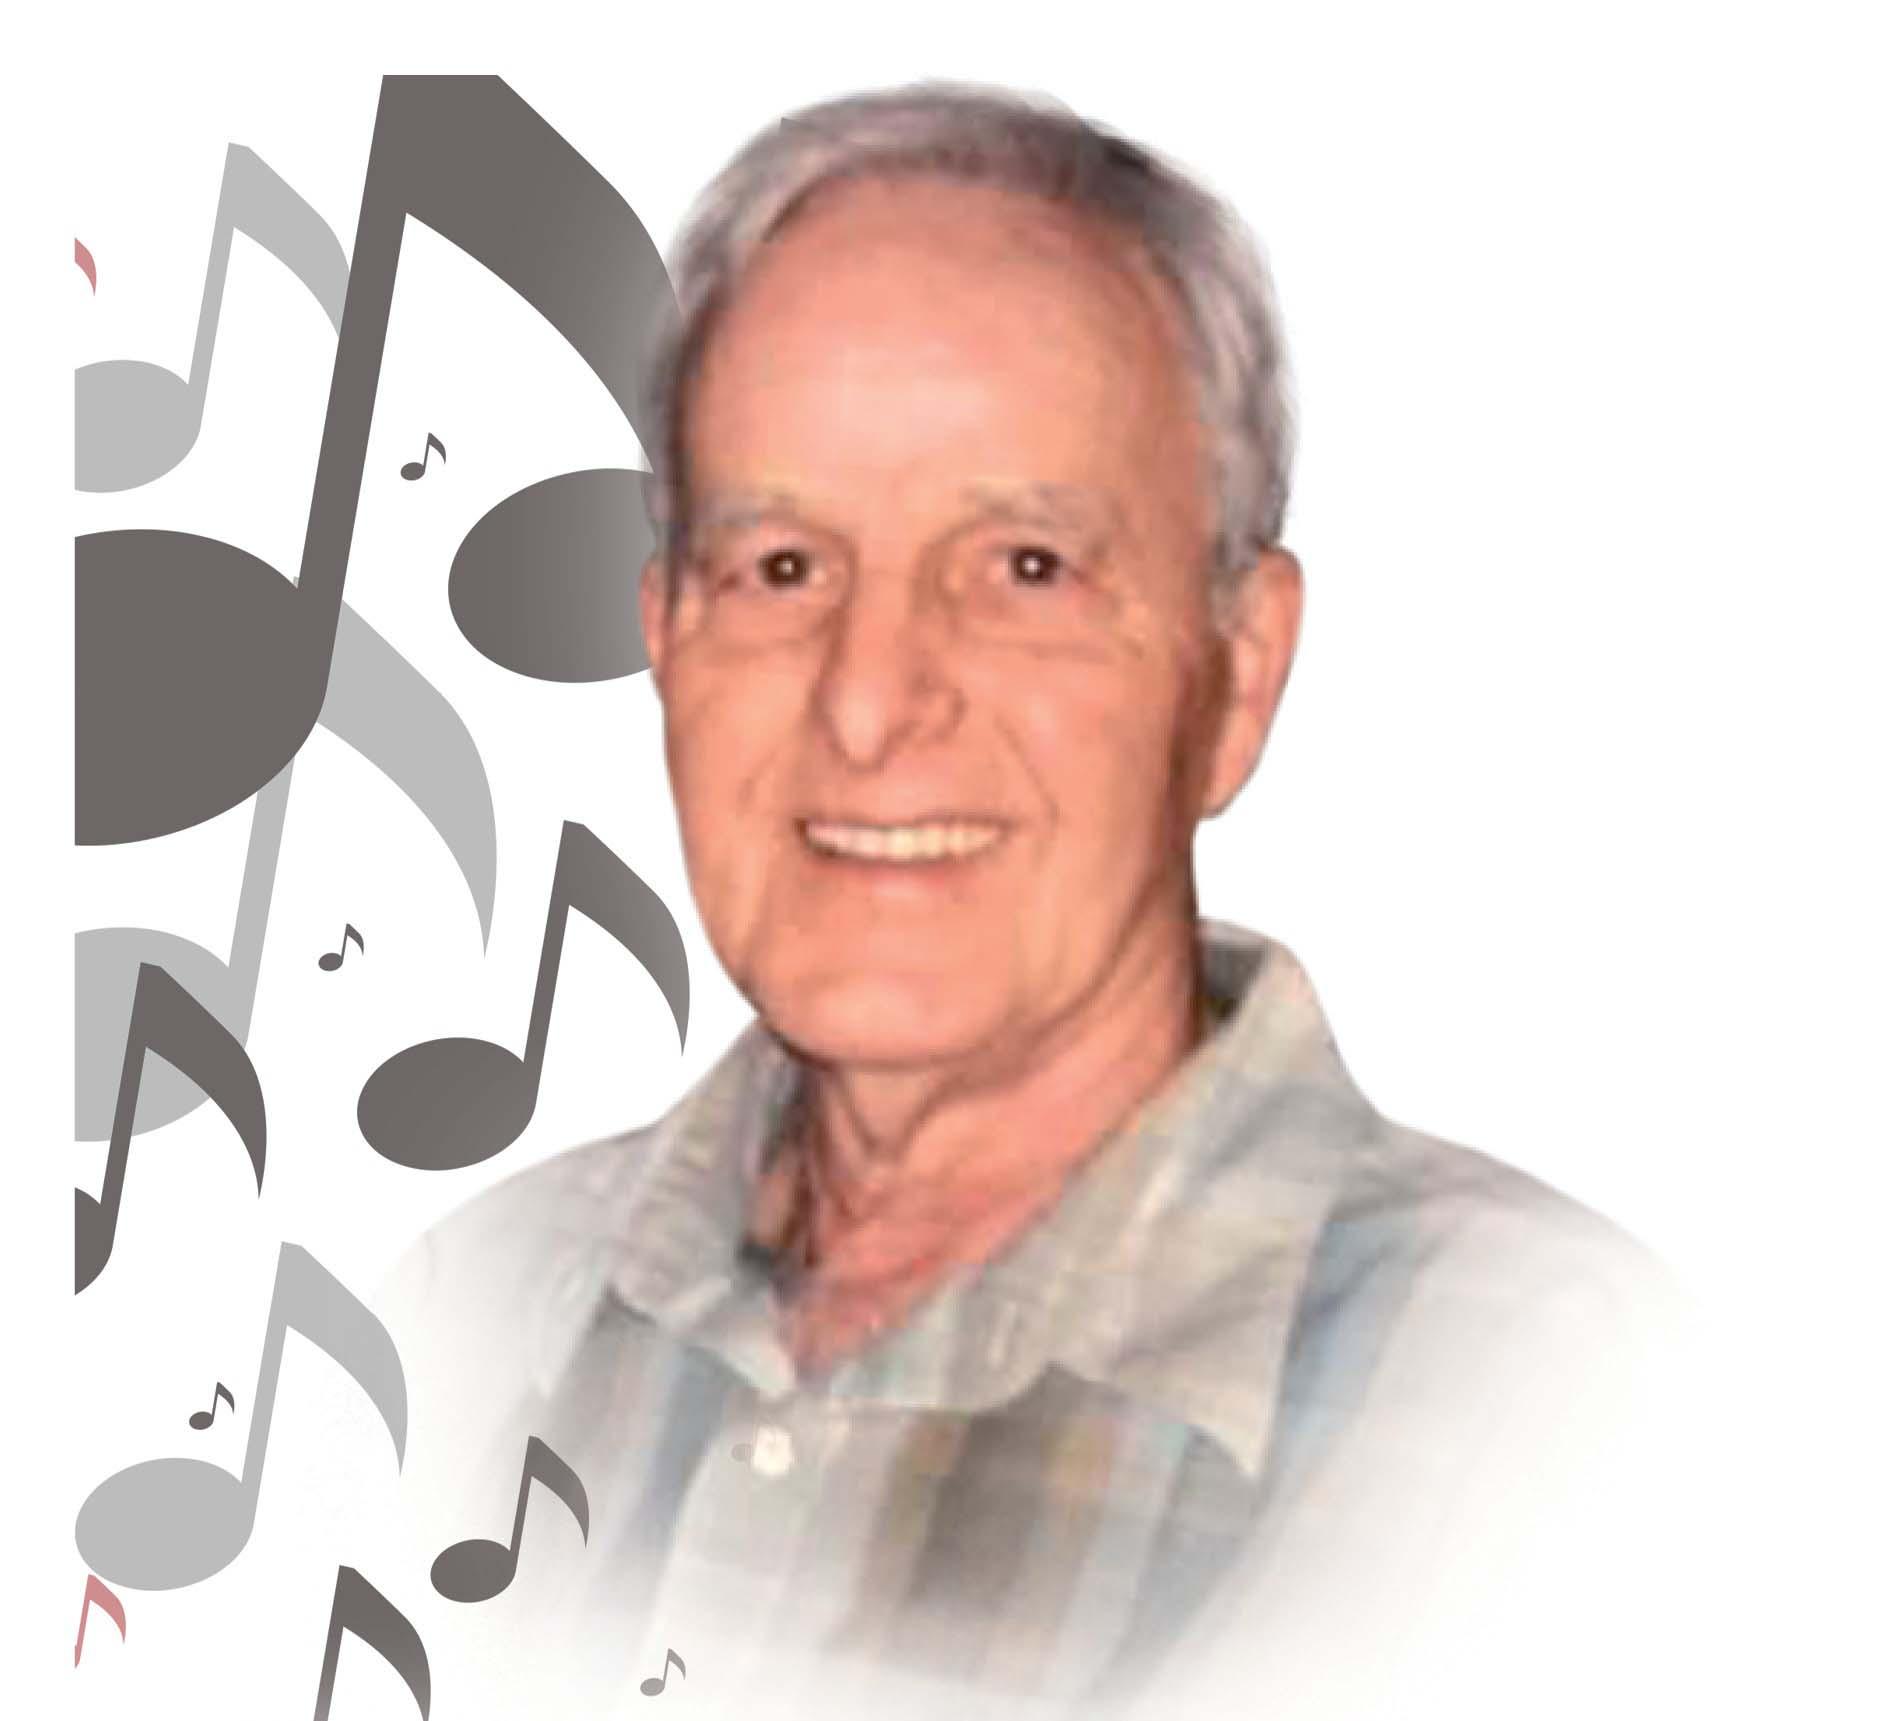 Avis de décès - Résidence funéraire Bernard Longpré Inc. - DROUIN- LOUIS-PHILIPPE